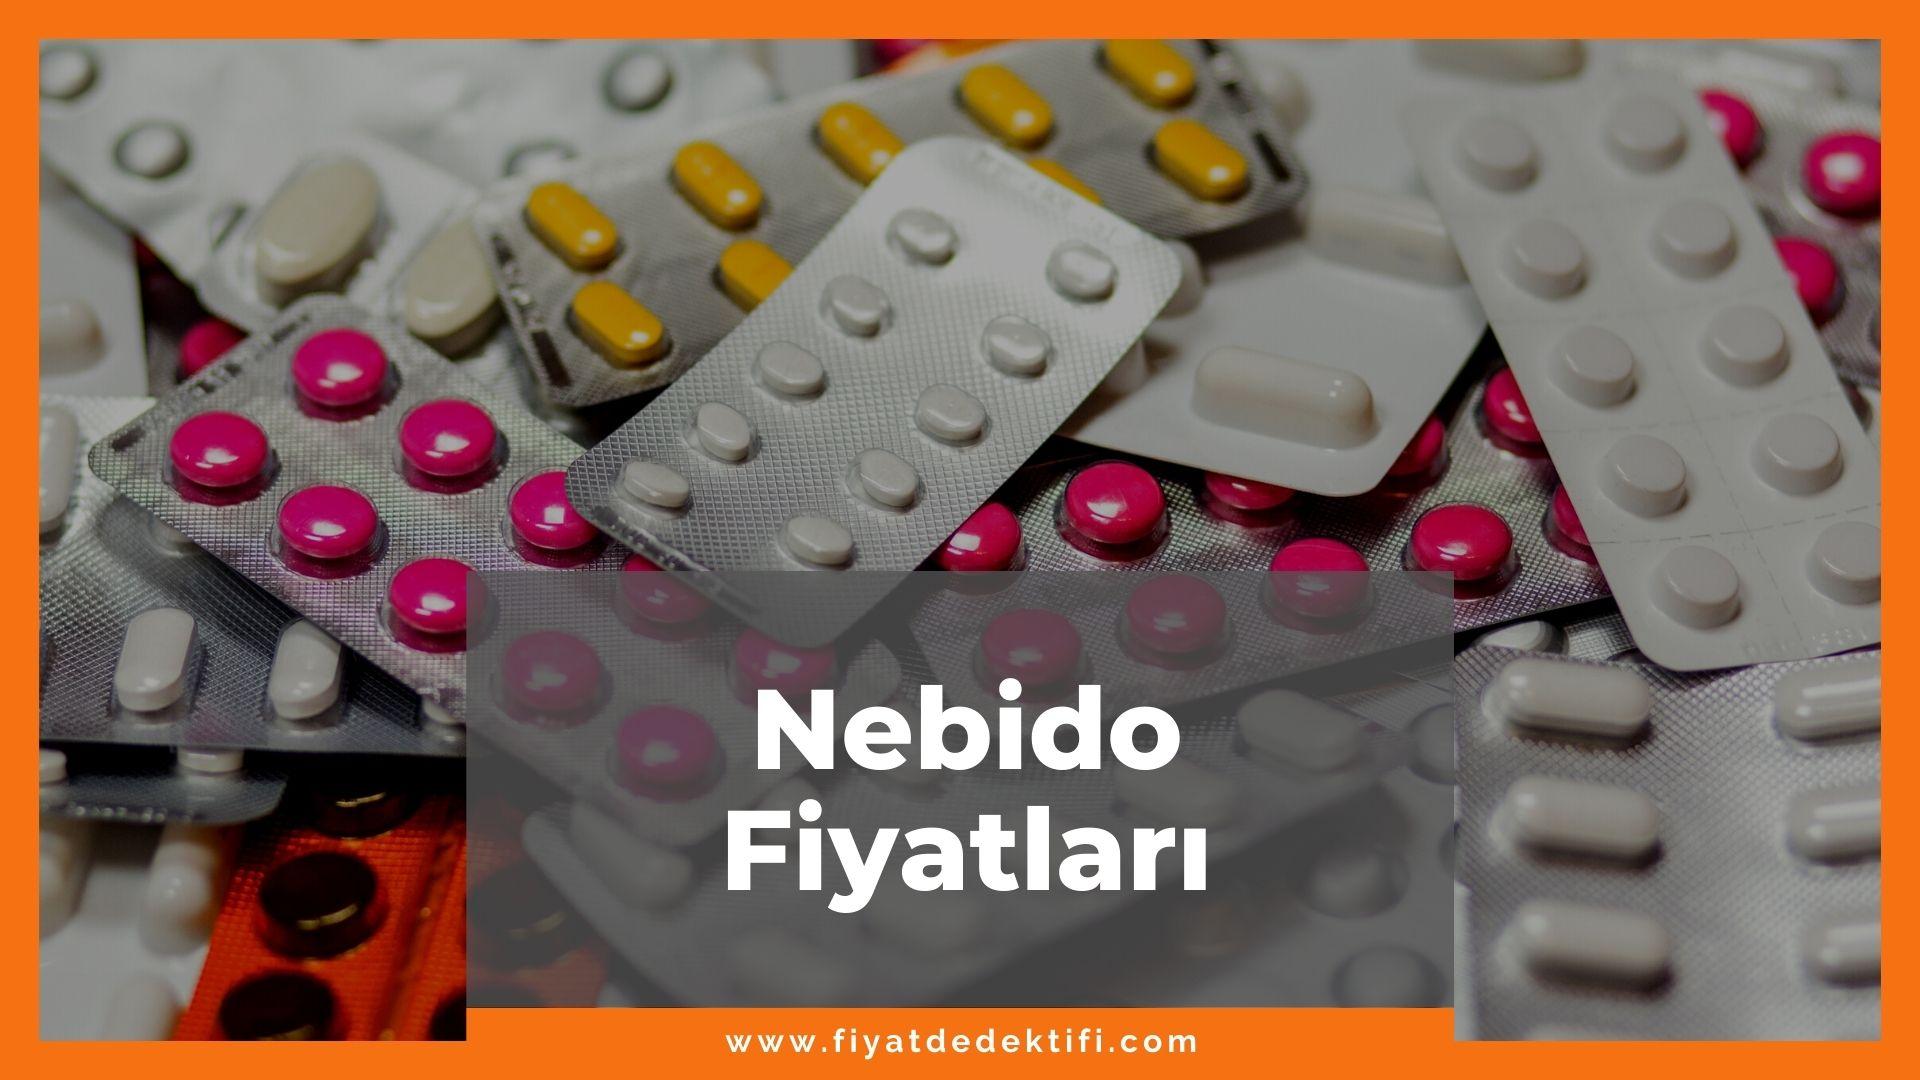 Nebido Fiyat 2021, Nebido Fiyatı, Nebido Ampul Fiyatı, nebido zamlandı mı, nebido zamlı fiyatı ne kadar kaç tl oldu